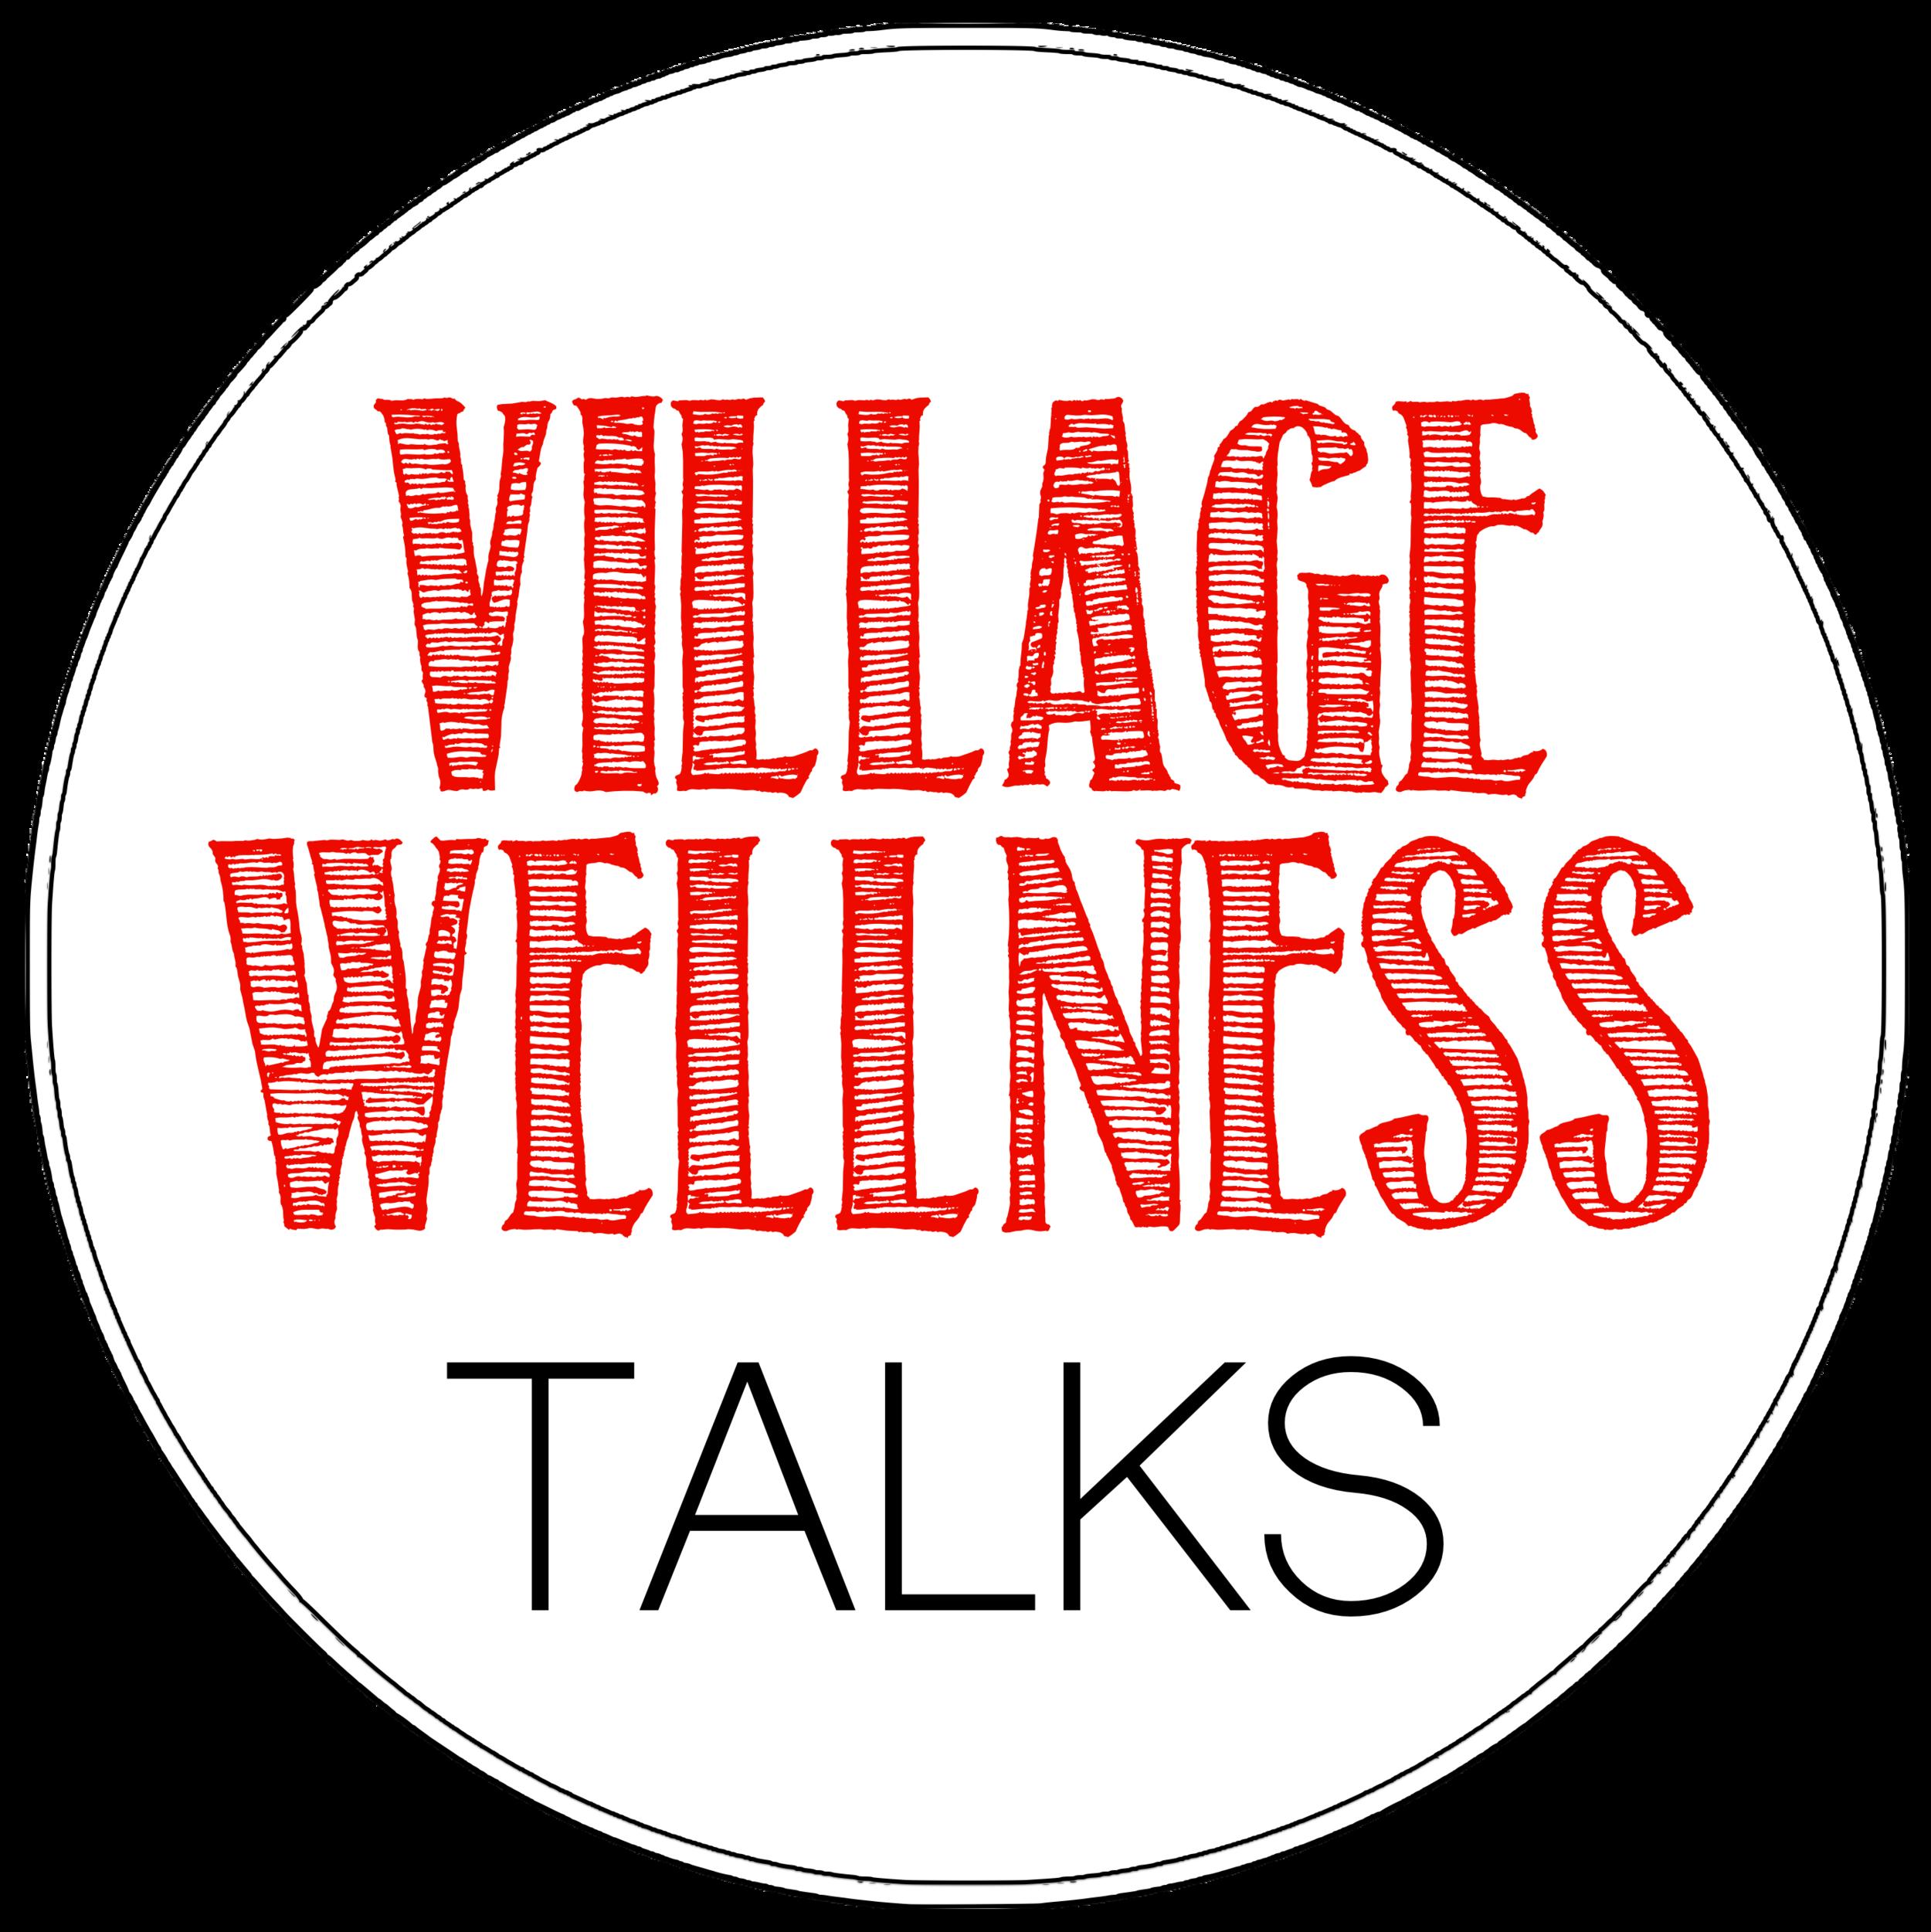 Village Wellness Talks Philadelphia, Mainline